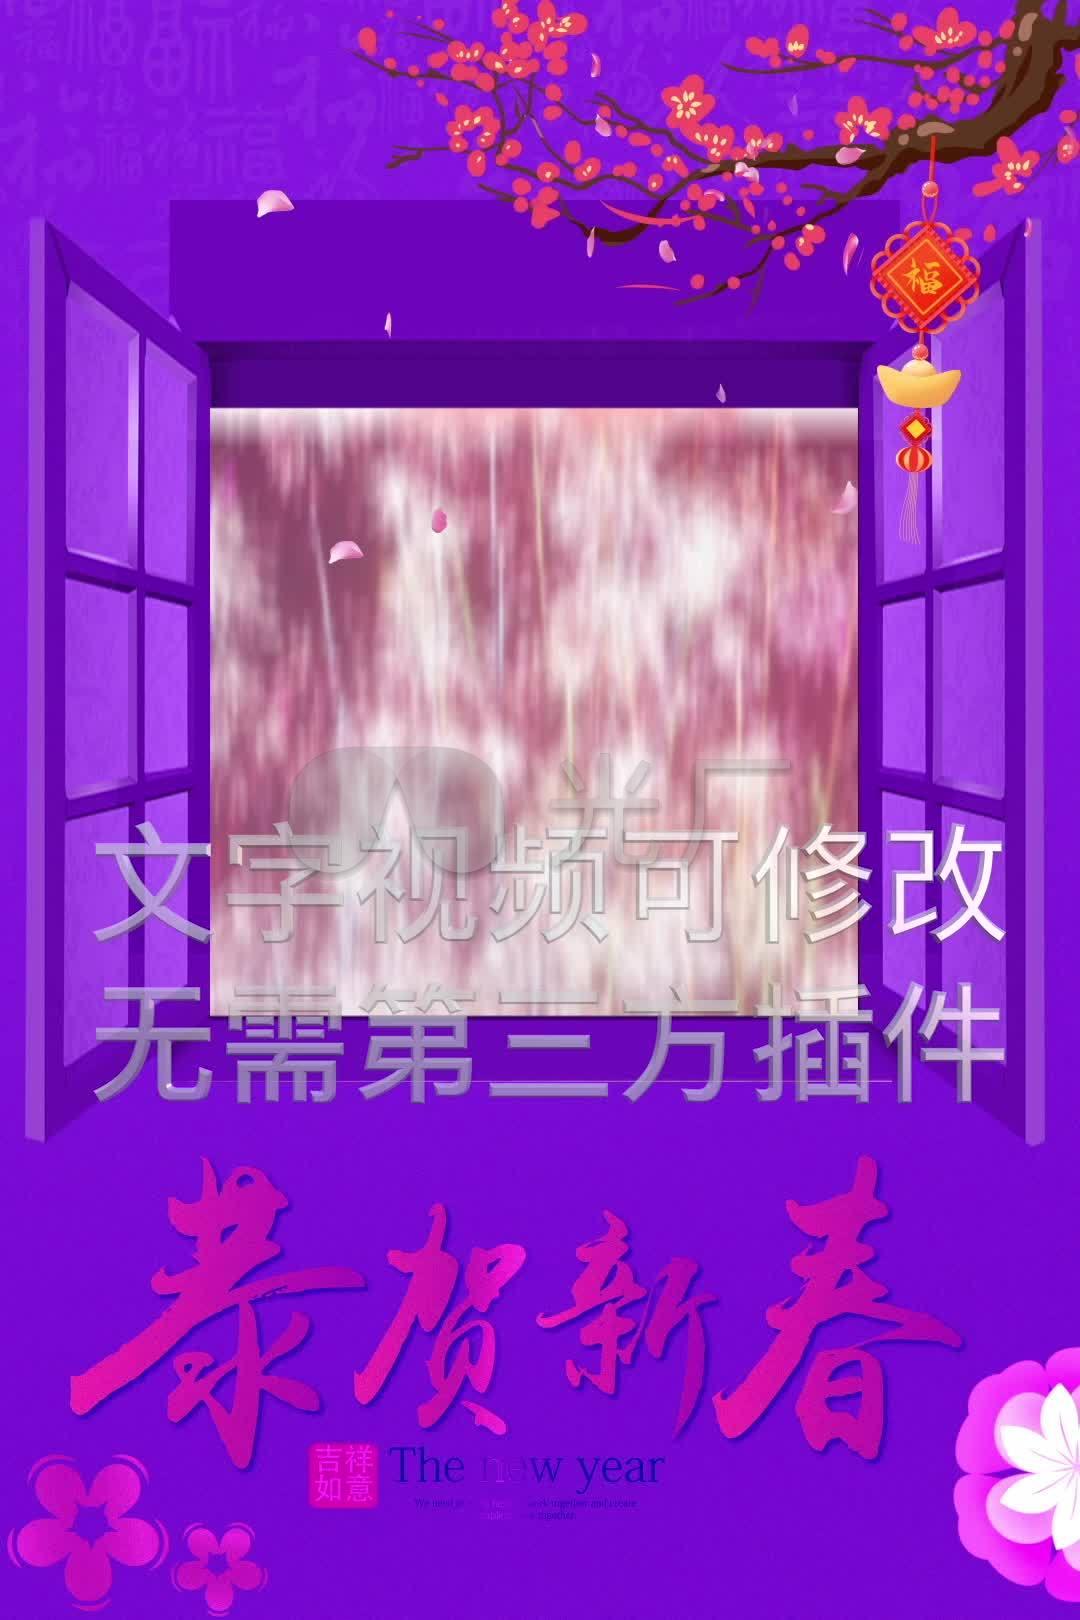 疯狂的强奸歌2019祝福抖音拜年频ae_1小视(编长下载视频图片